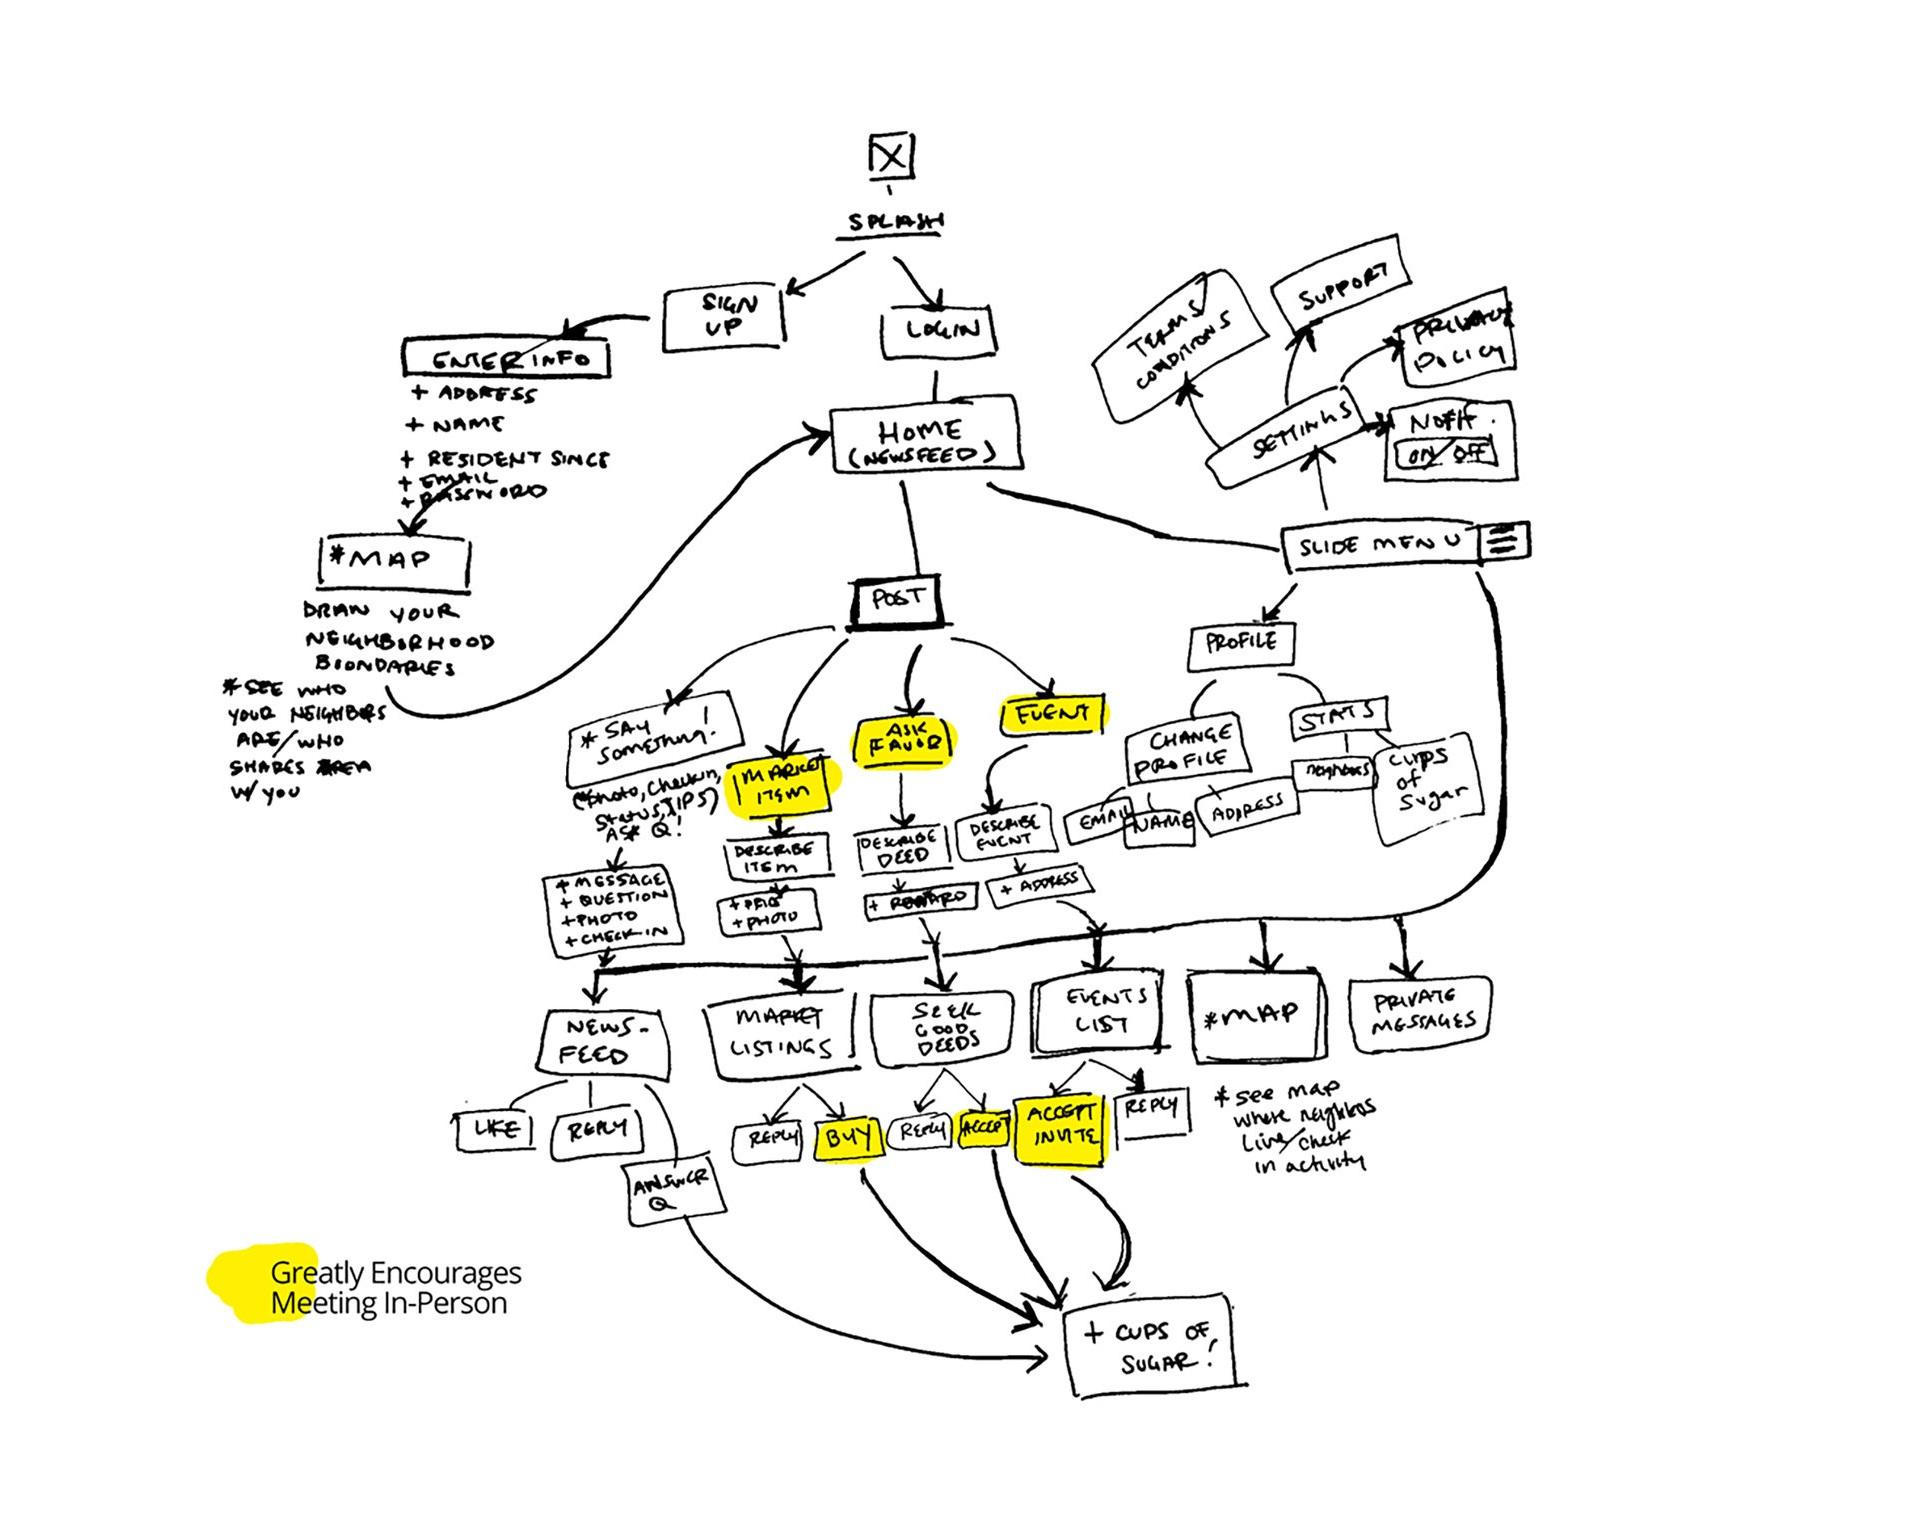 ux-flow2.jpg